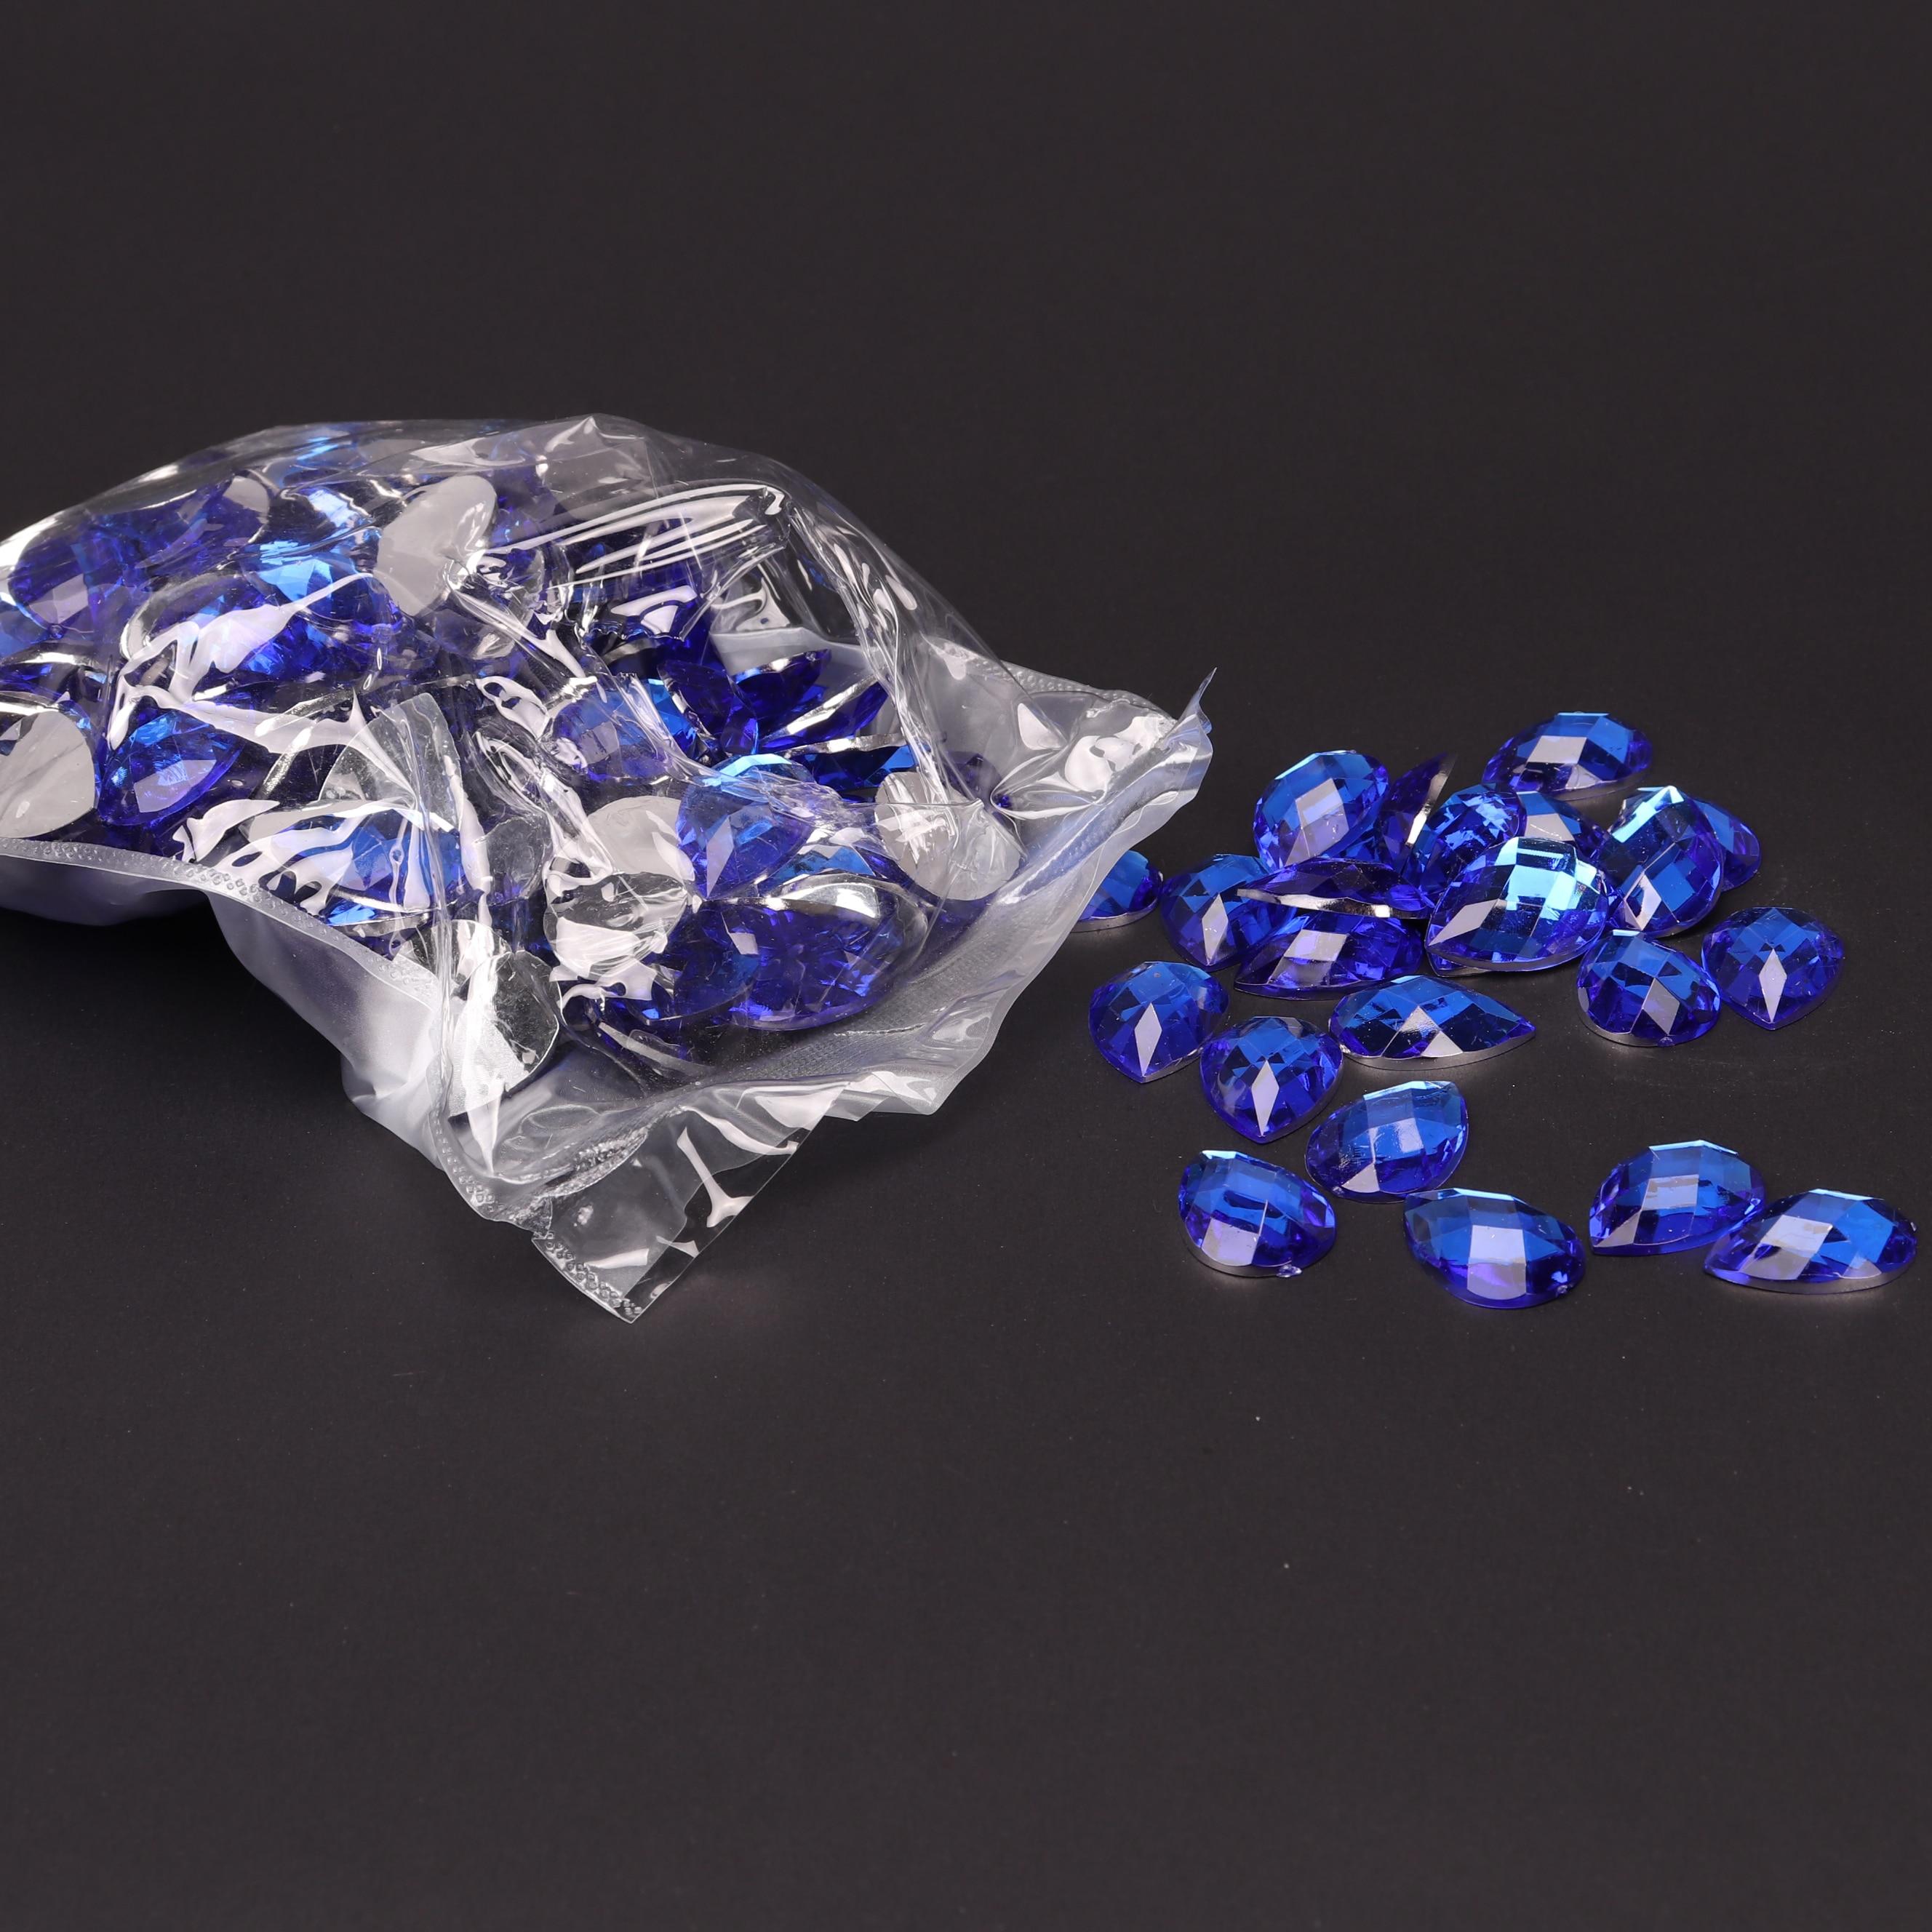 Подсолнухи Алмазная Вышивка Рукоделие 5d Сделай Сам картина